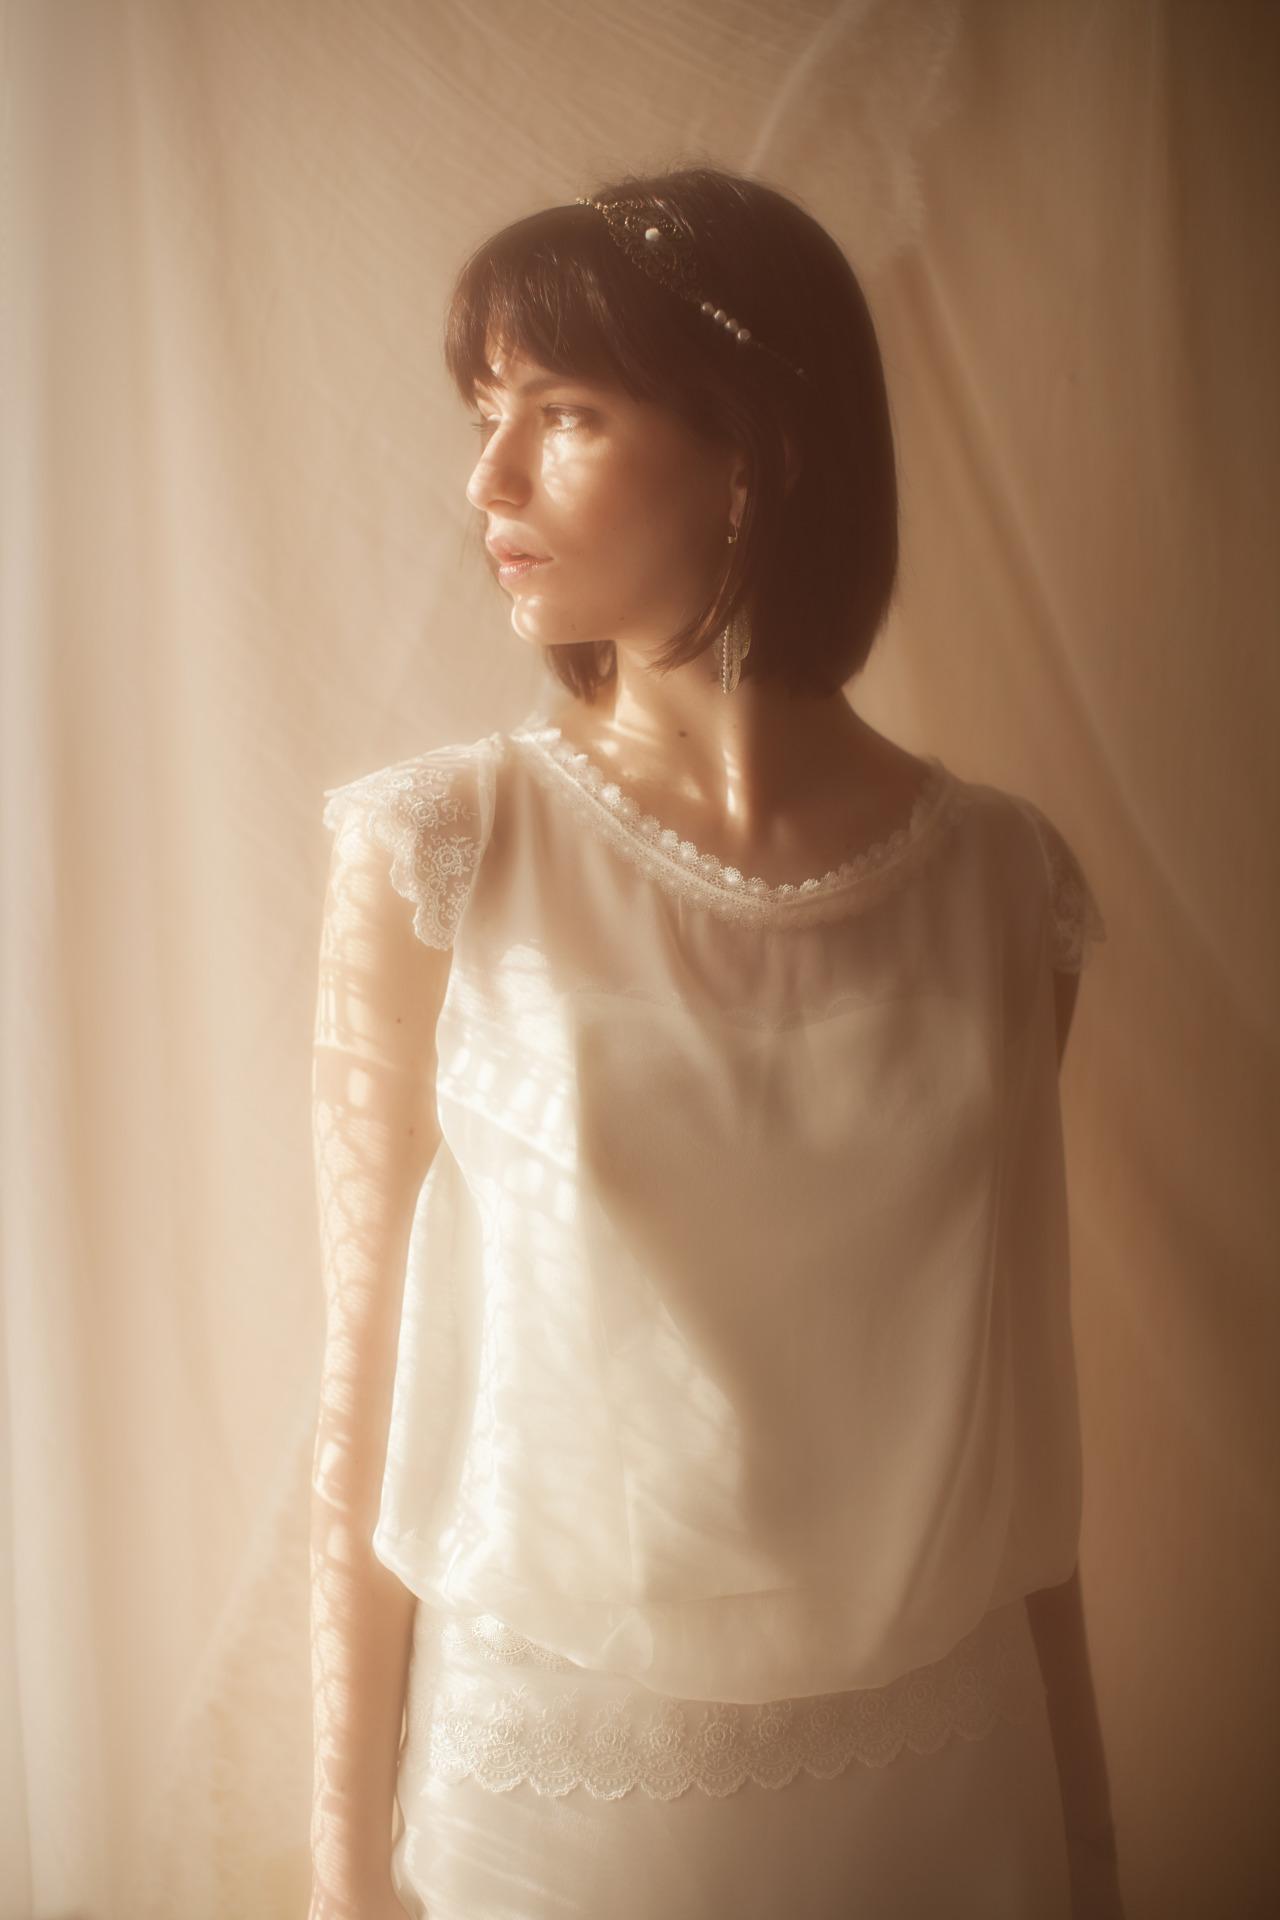 Robes-de-mariée-Elsa-Gary-2016-Collection-les-jolies-filles-Le-modèle-Sirène-02-NotreMariageNet